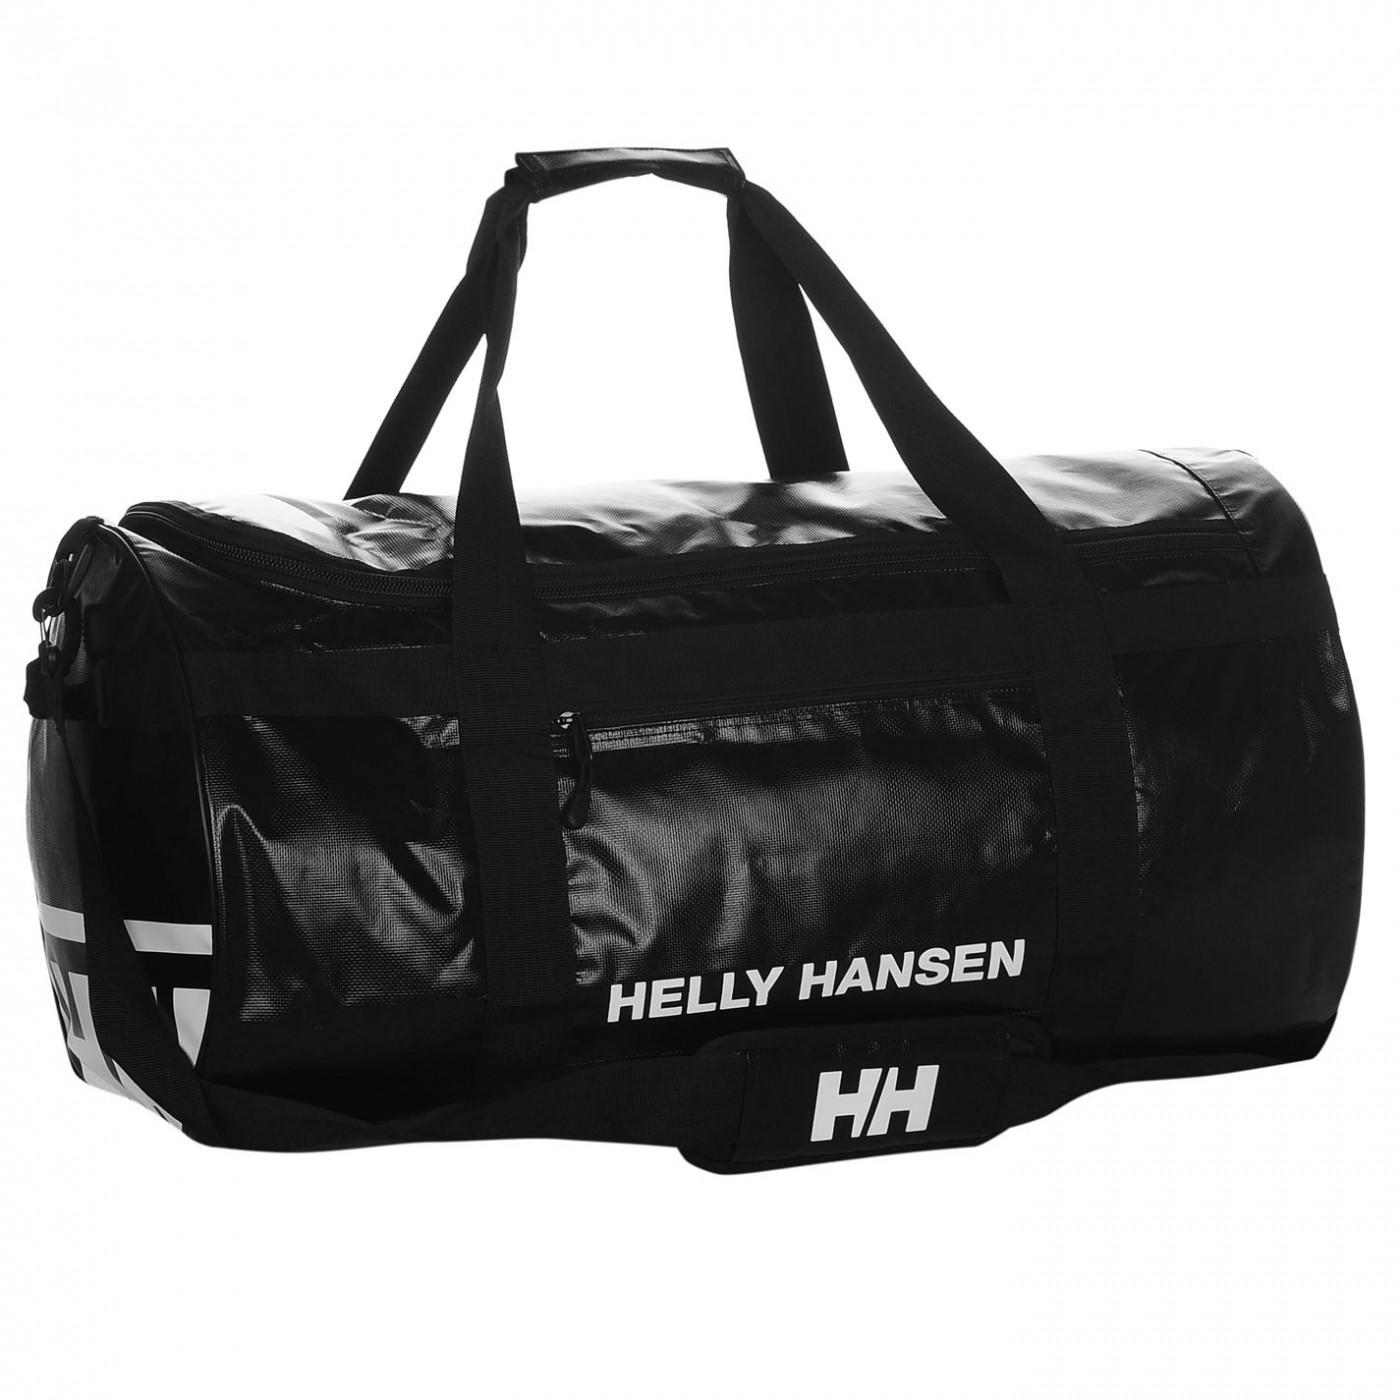 najlepszy wybór ujęcia stóp na sprzedaż online Helly Hansen Wave Barrel Bag 70L - FACTCOOL